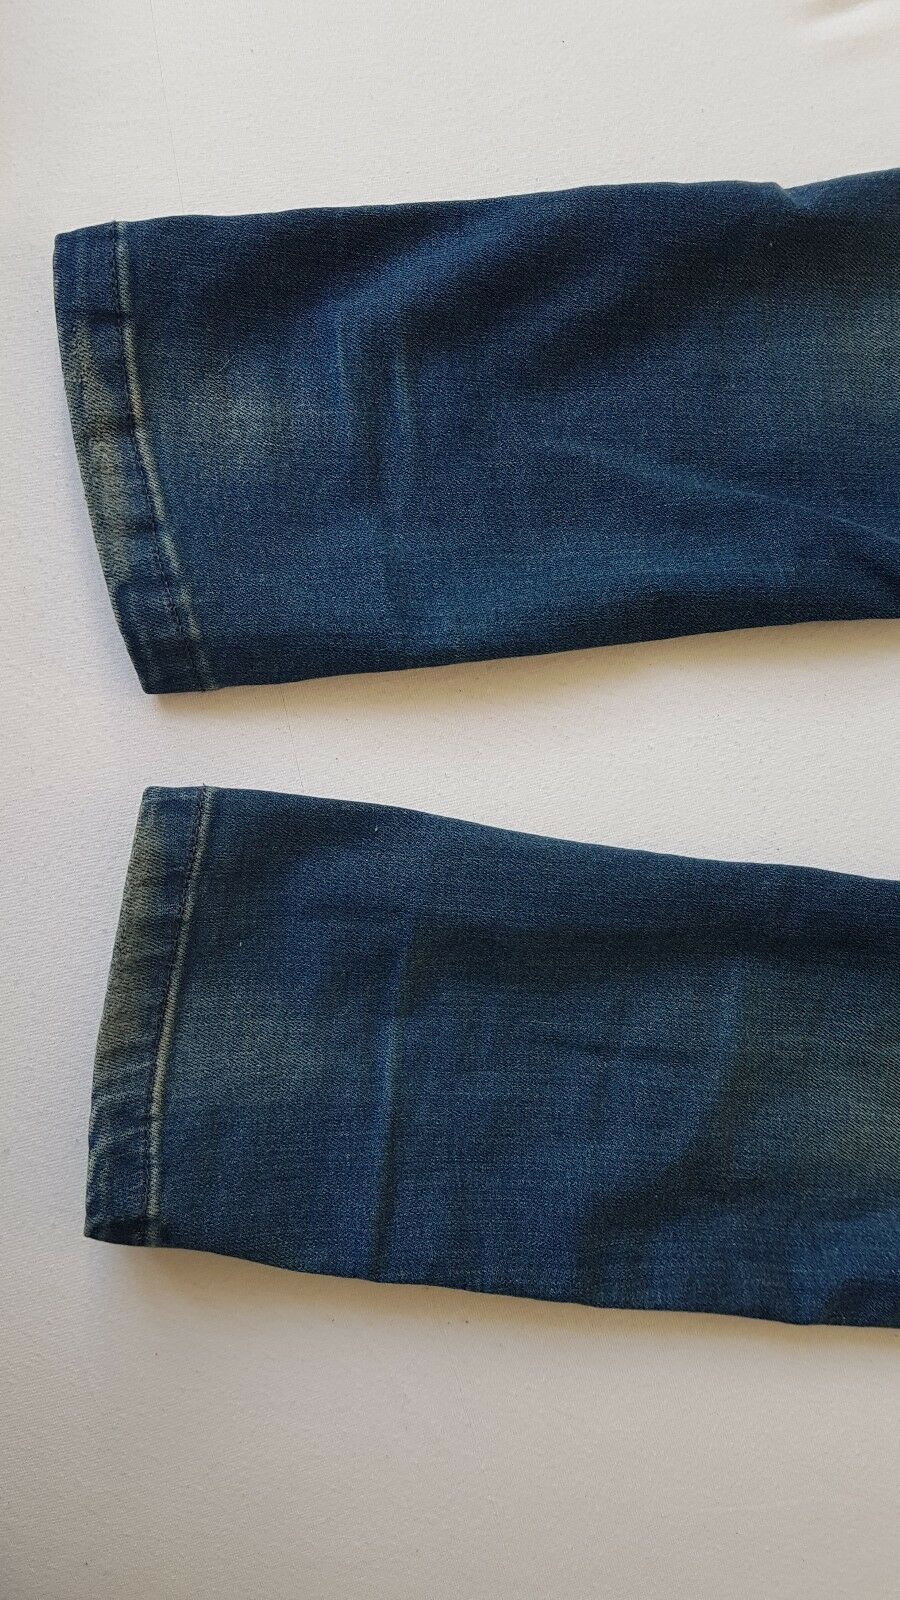 G-STAR RAW Jeans W26 L34 L34 L34 | Deutschland Shop  268728